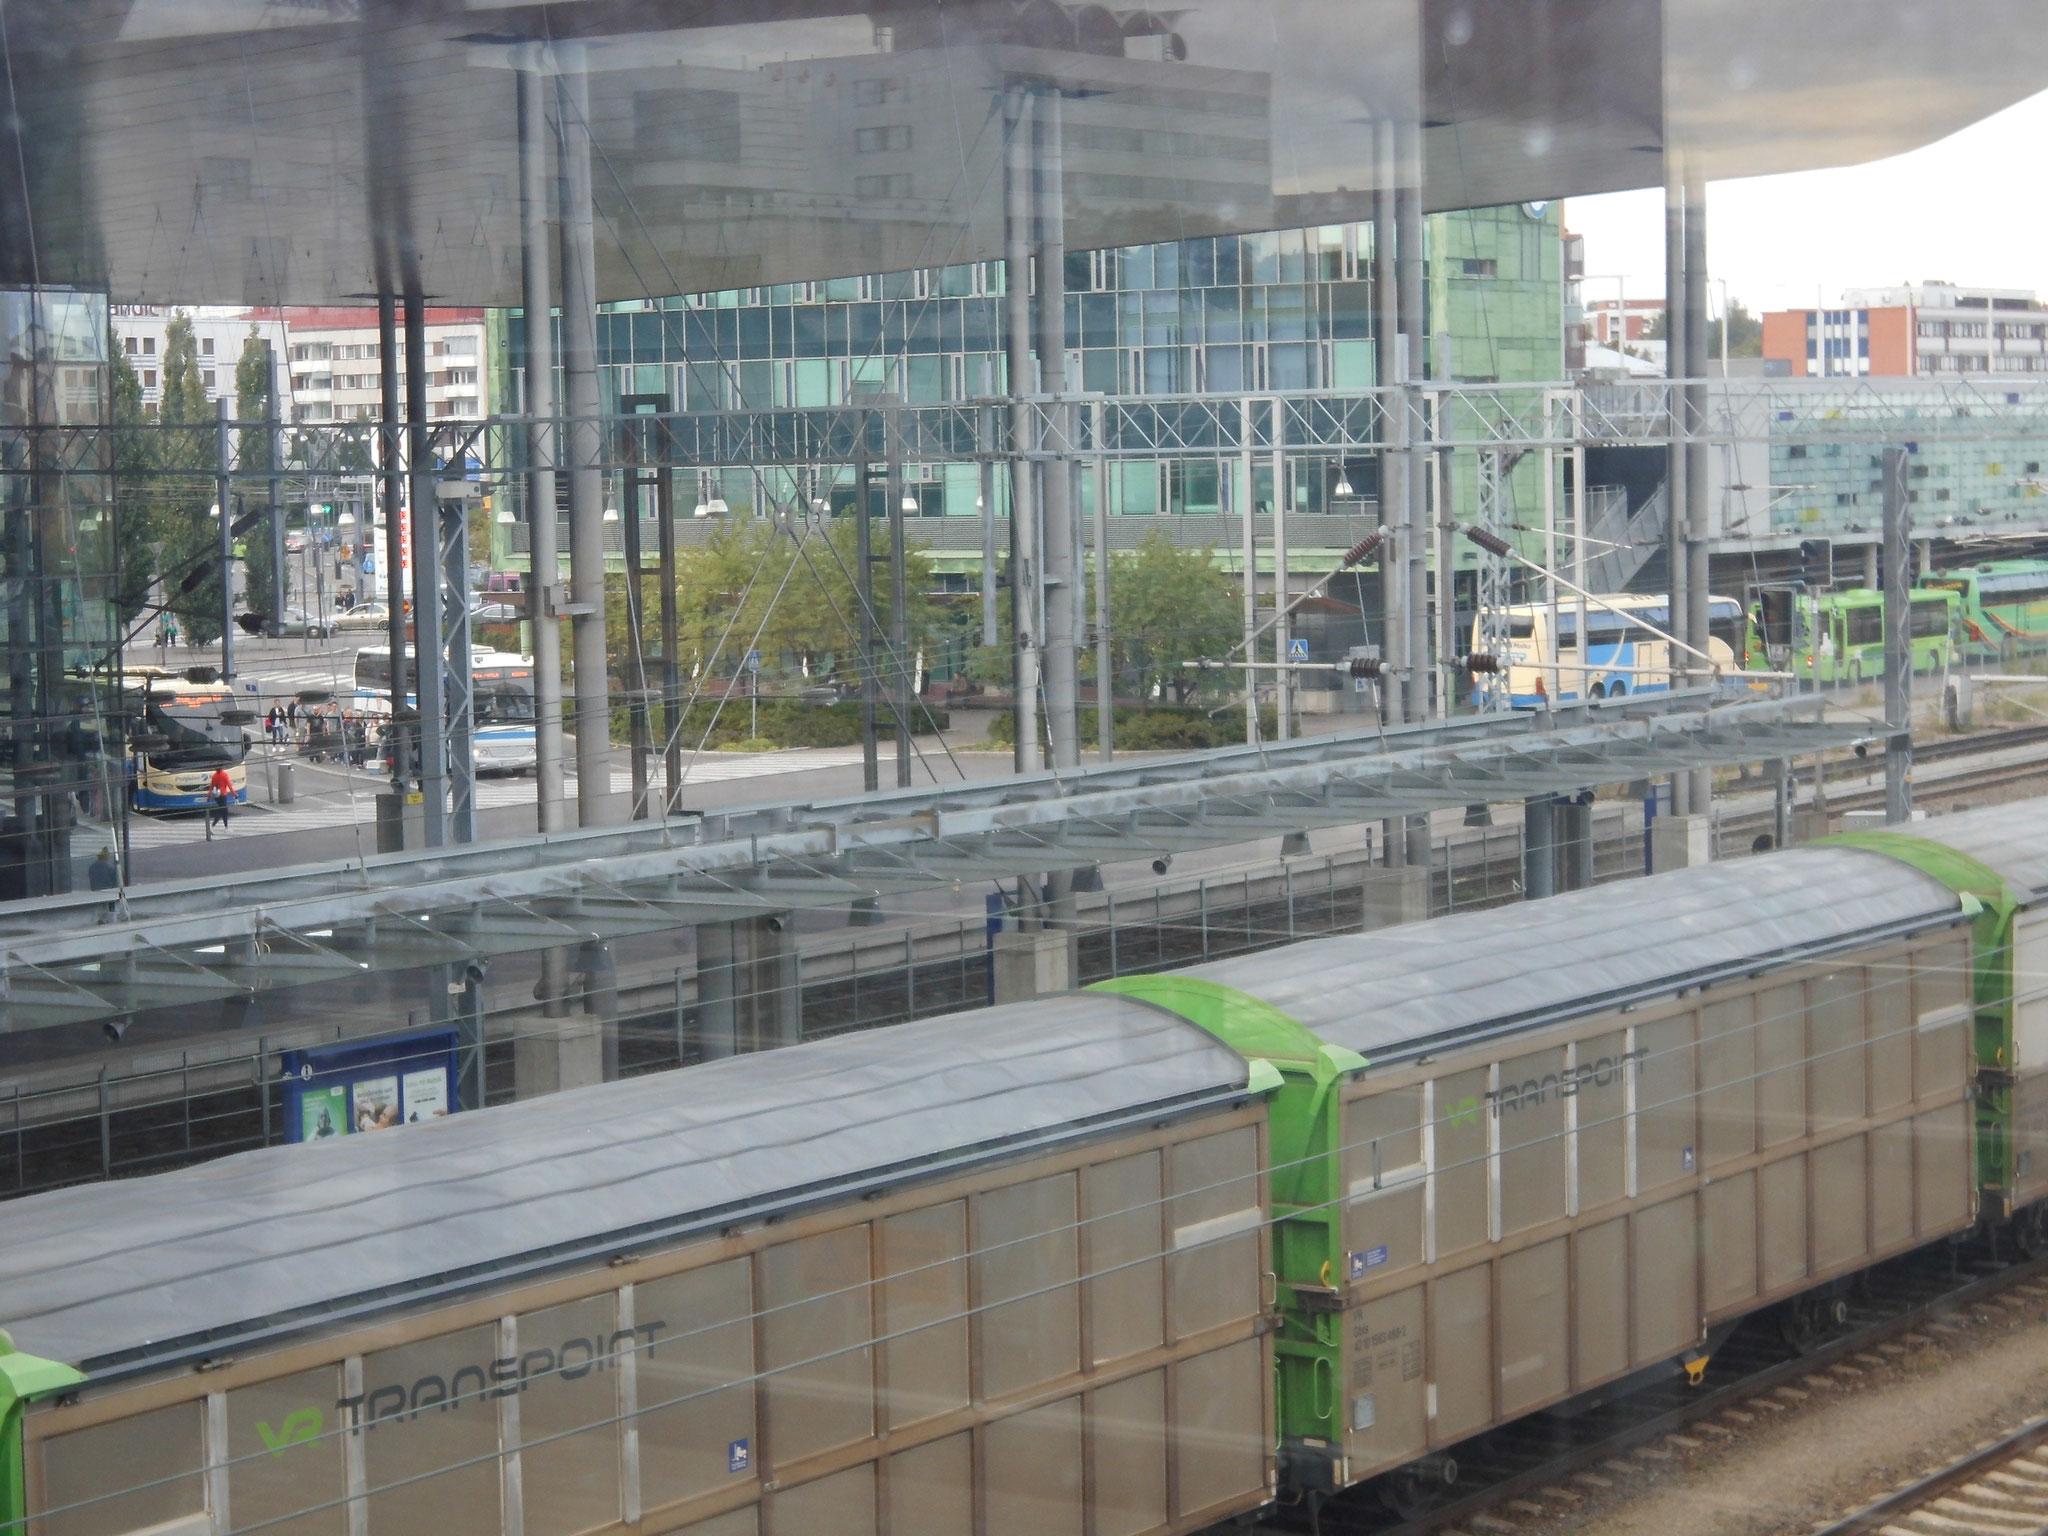 ...mit Blick auf Güter- und Busbahnhof auf der rechten...